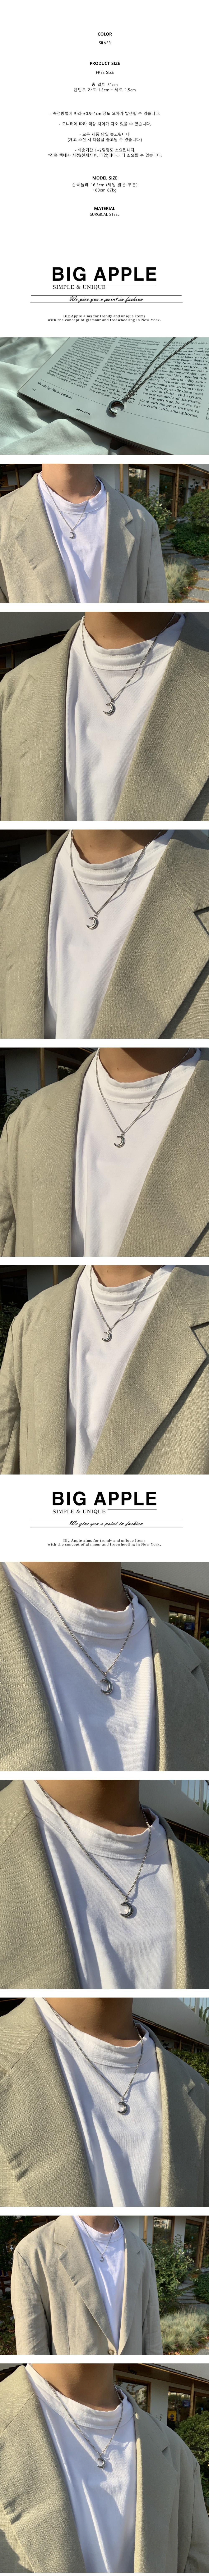 남자 목걸이 달 펜던트 써지컬 스틸 crescent - 빅애플, 29,900원, 남성주얼리, 목걸이